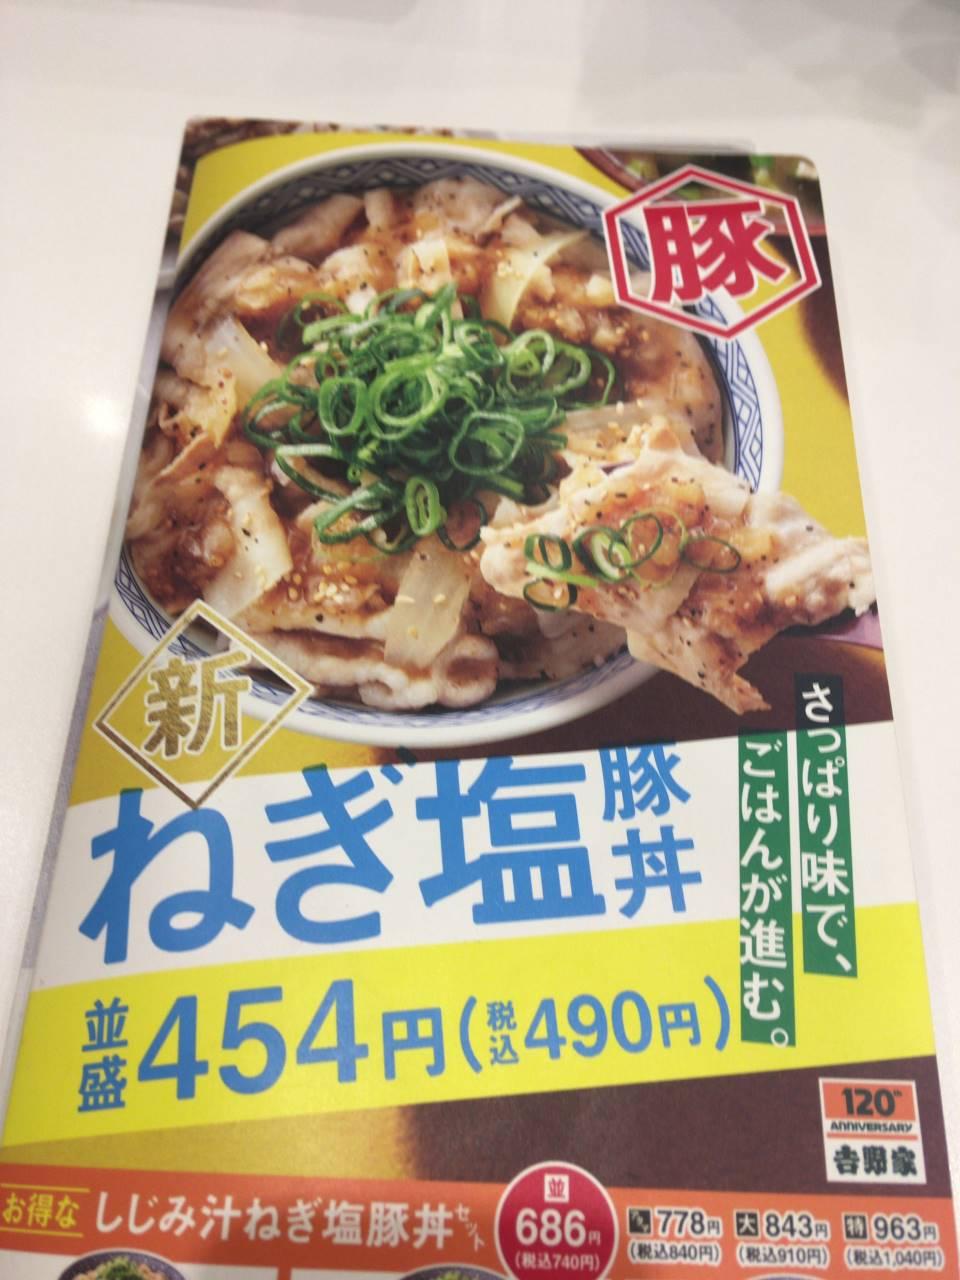 ねぎ塩豚丼:吉野家のメニュー